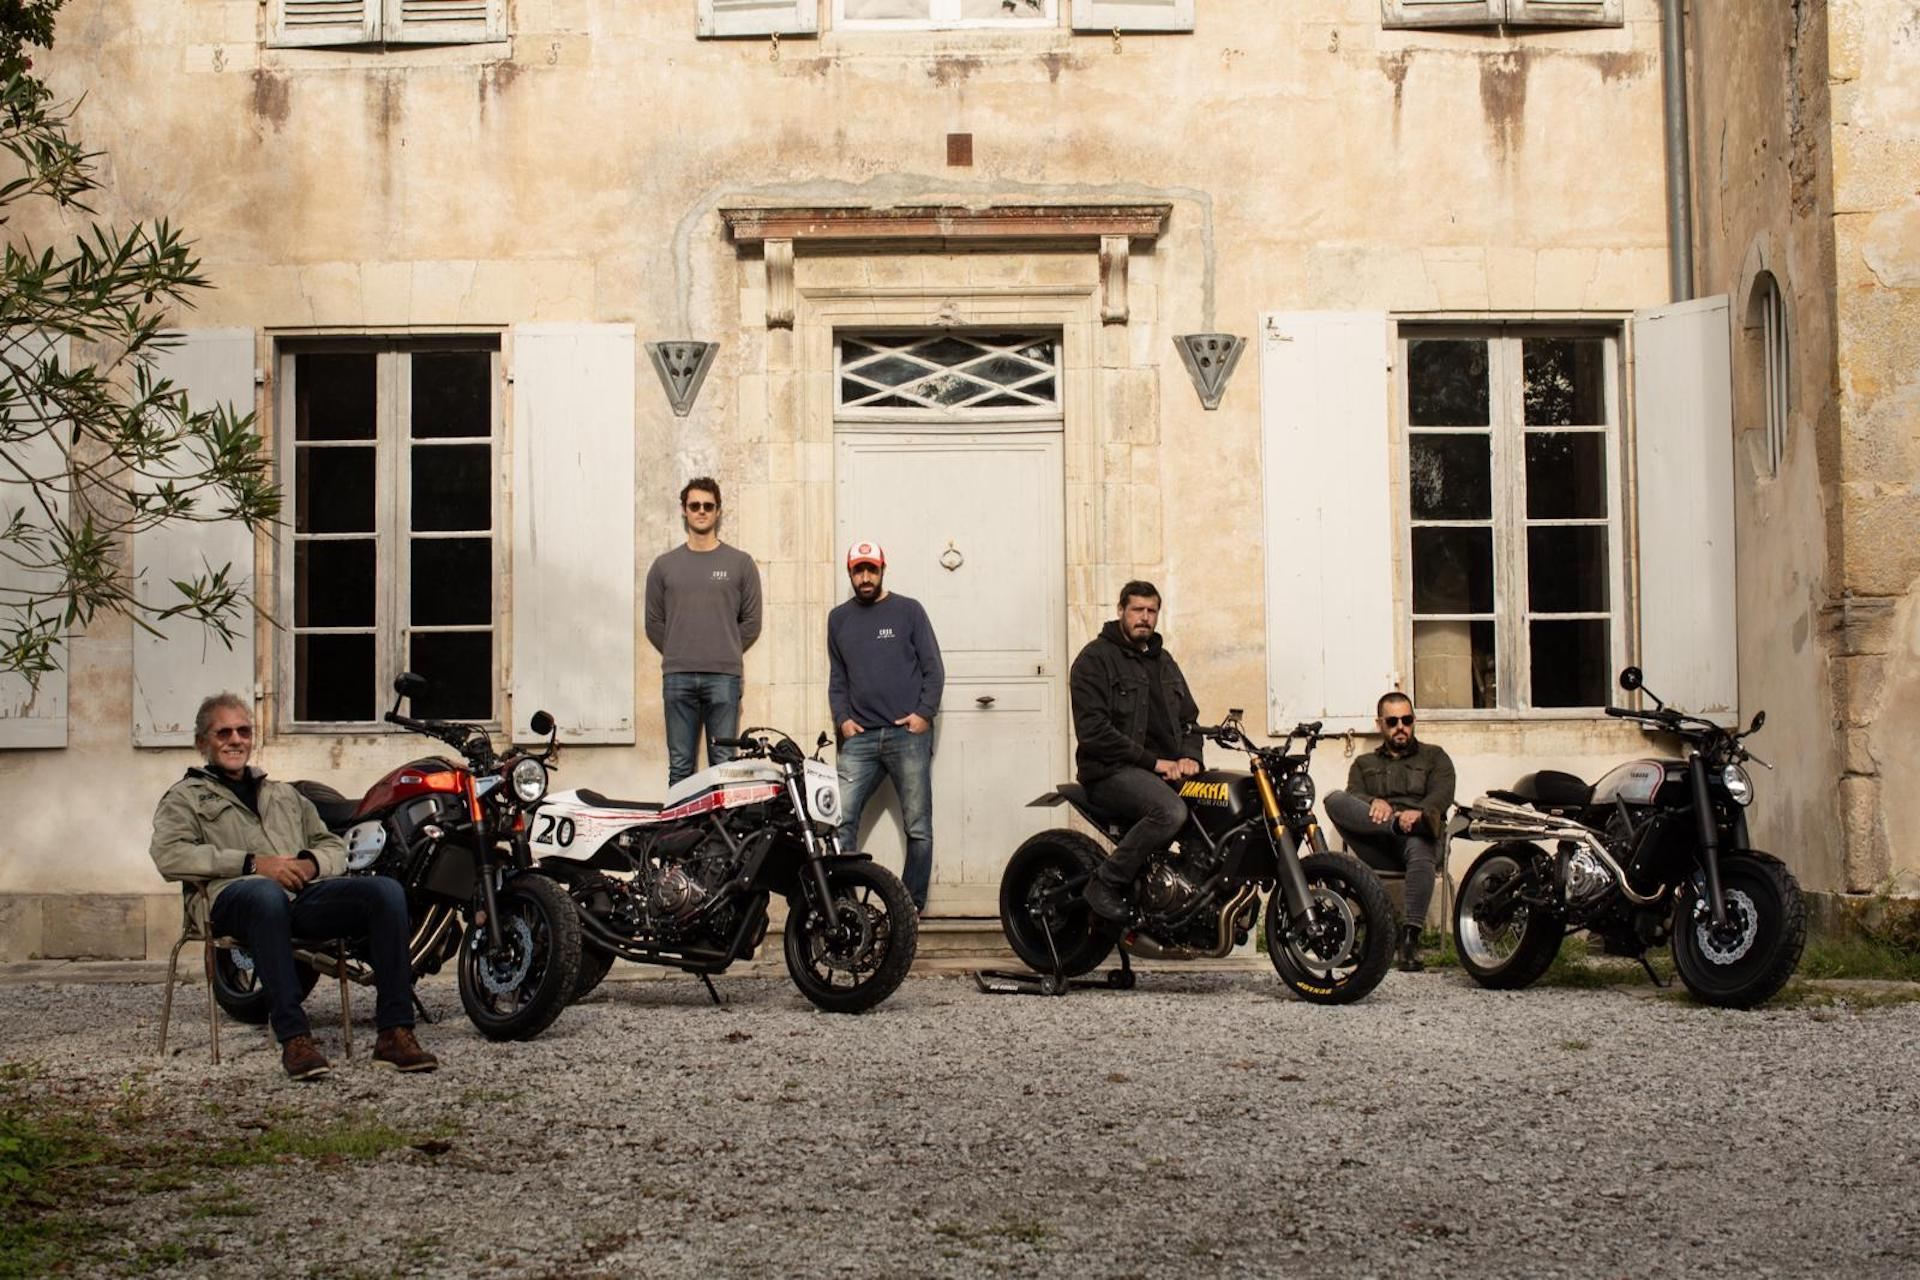 Motos Yamaha Yard Built 2020